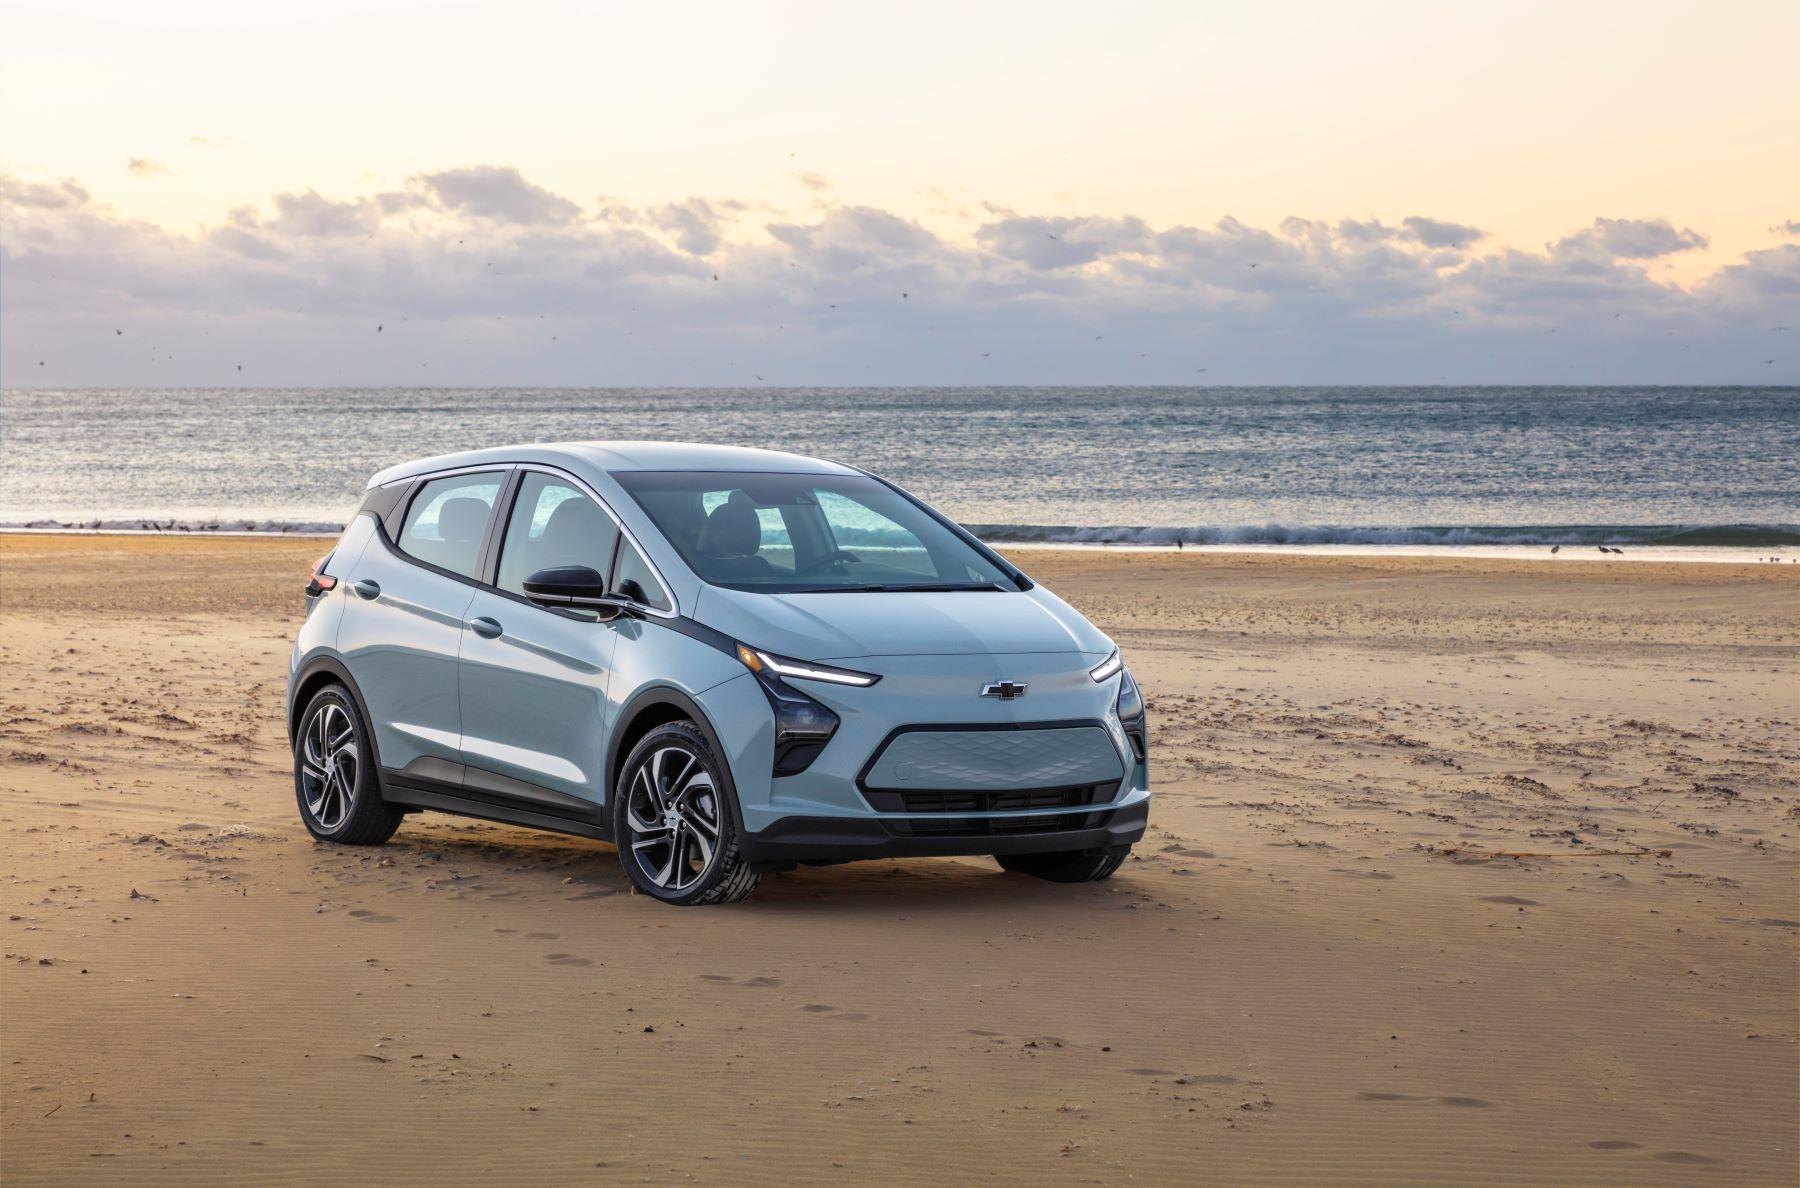 A gray 2022 Chevy Bolt EV model parked on a beach